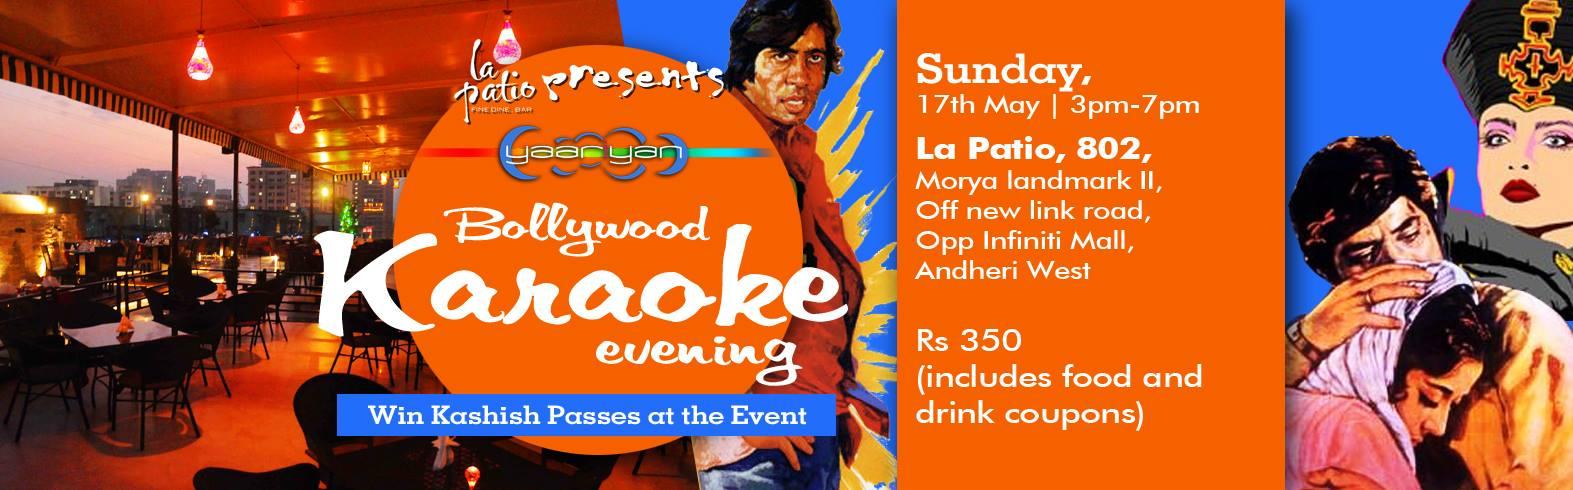 LA PATIO Presents Yaariyan Karaoke Evening